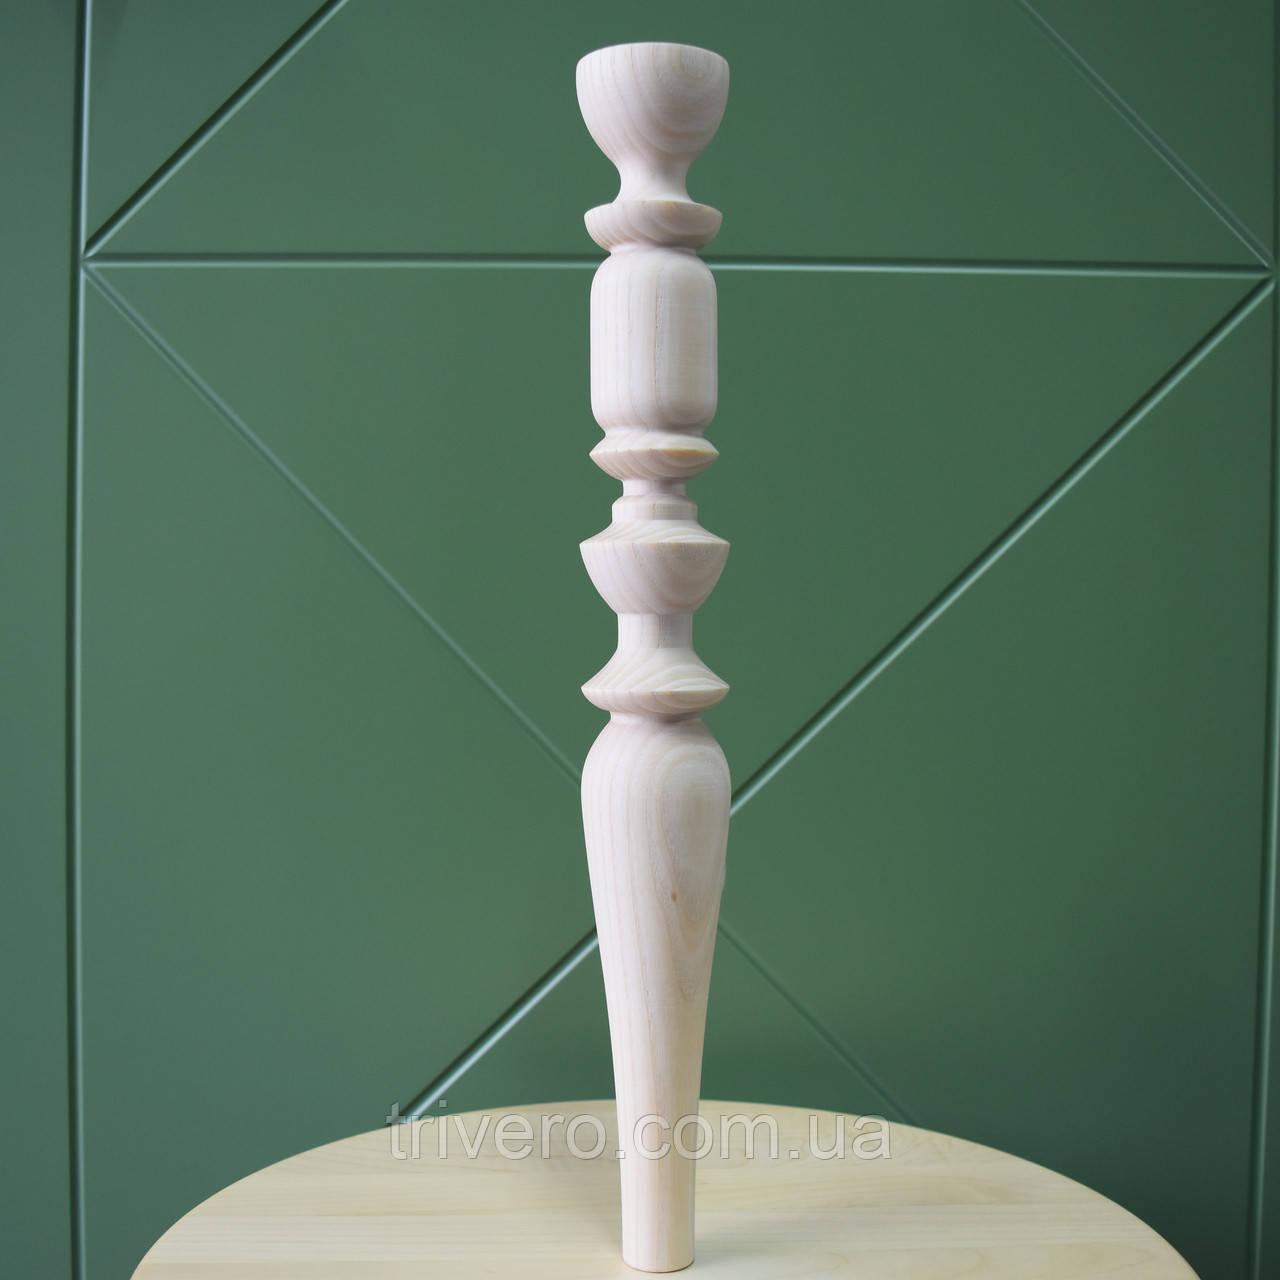 Тонкі точені ніжки і опори для консолі з дерева / Код: Ніжка-26